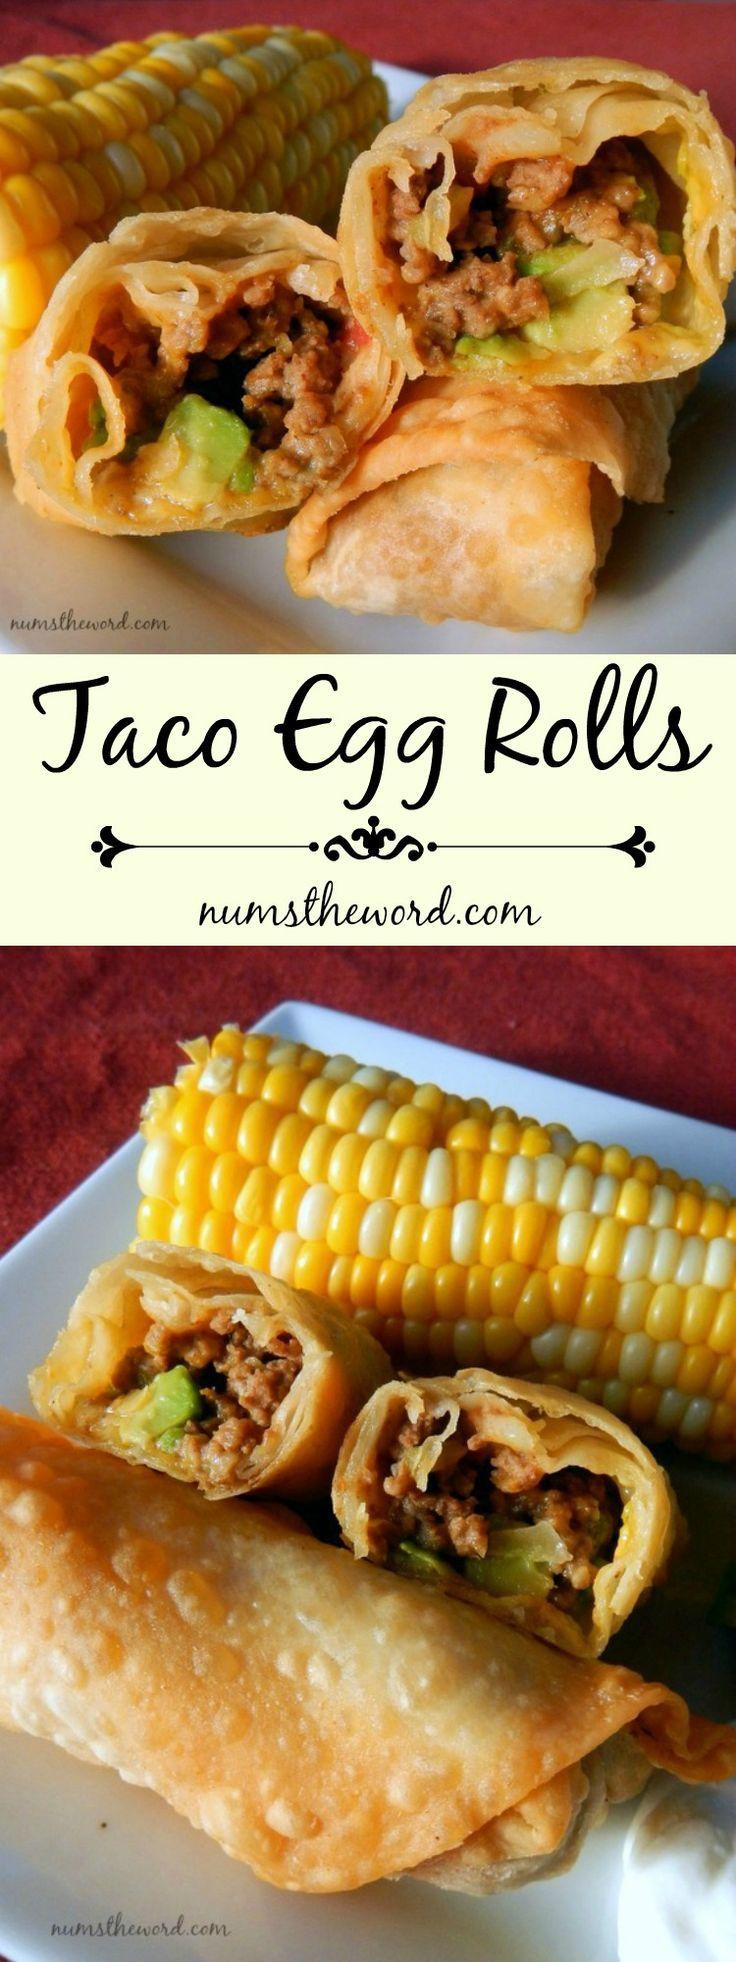 Easy kid friendly potluck recipes